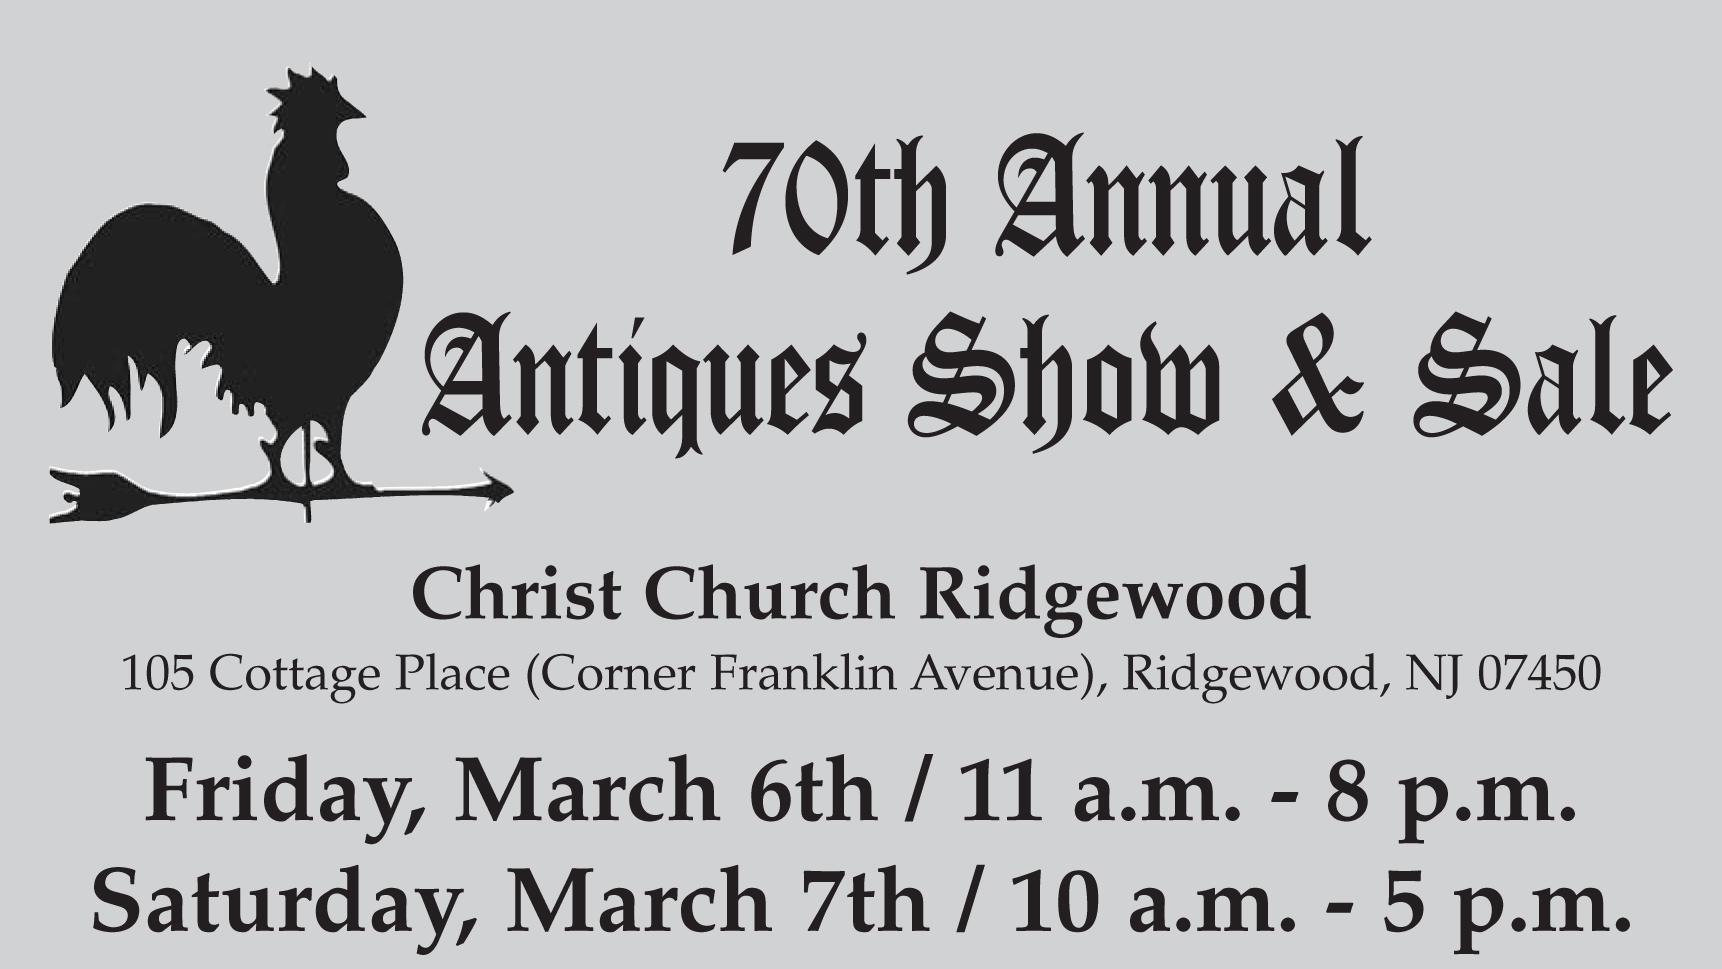 70th Annual Antiques Show & Sale Christ Church Ridgewood